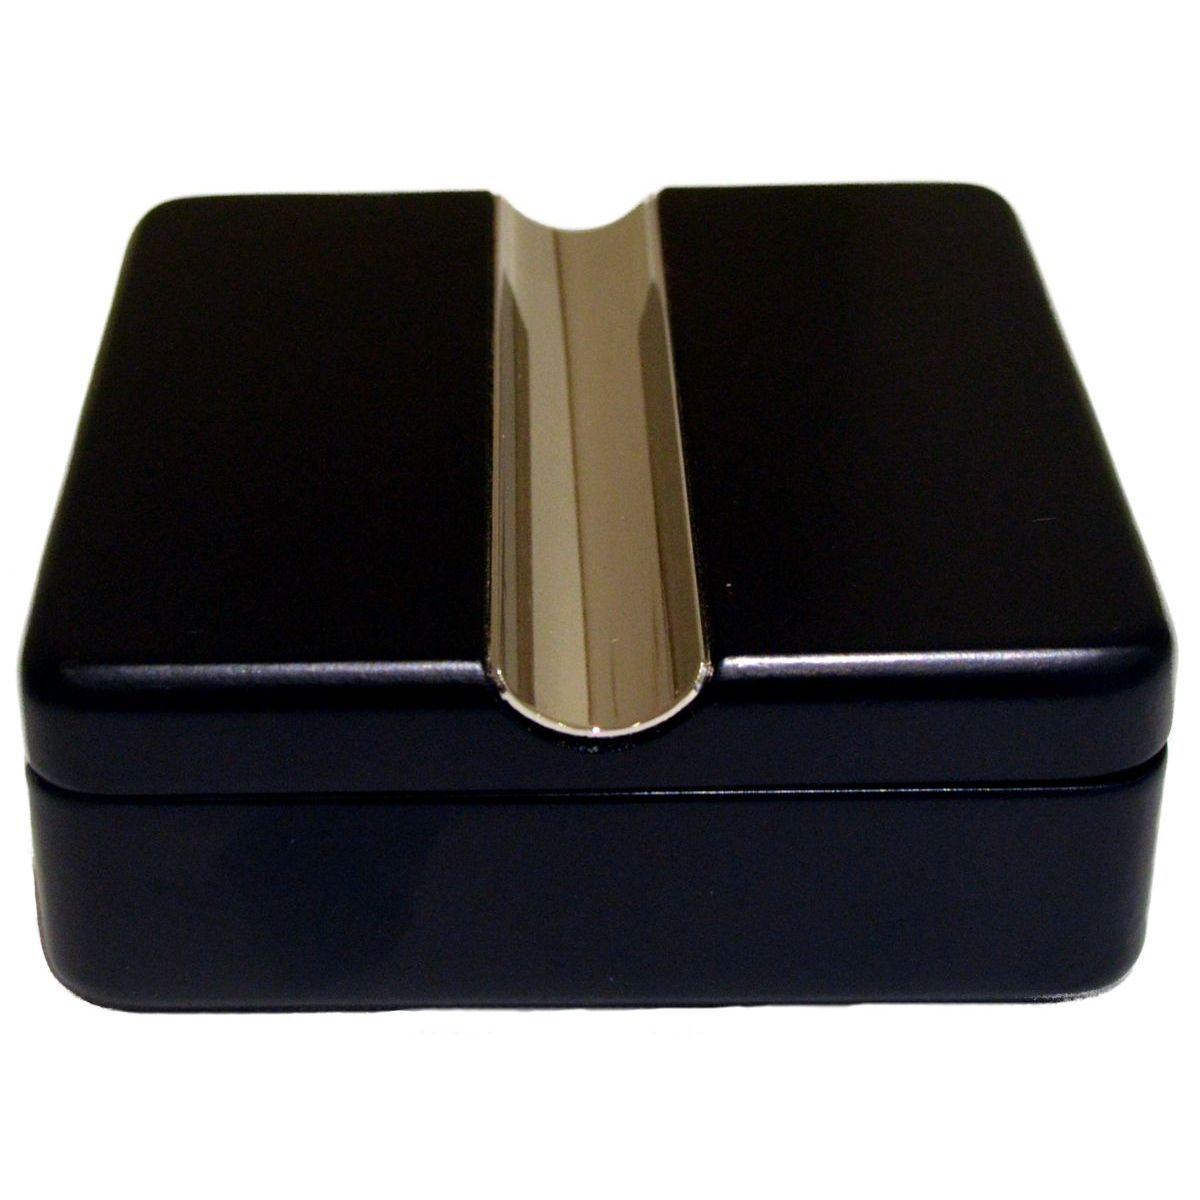 Cigar Ashtray 100mm Square Black Twist Lid Boxed 1